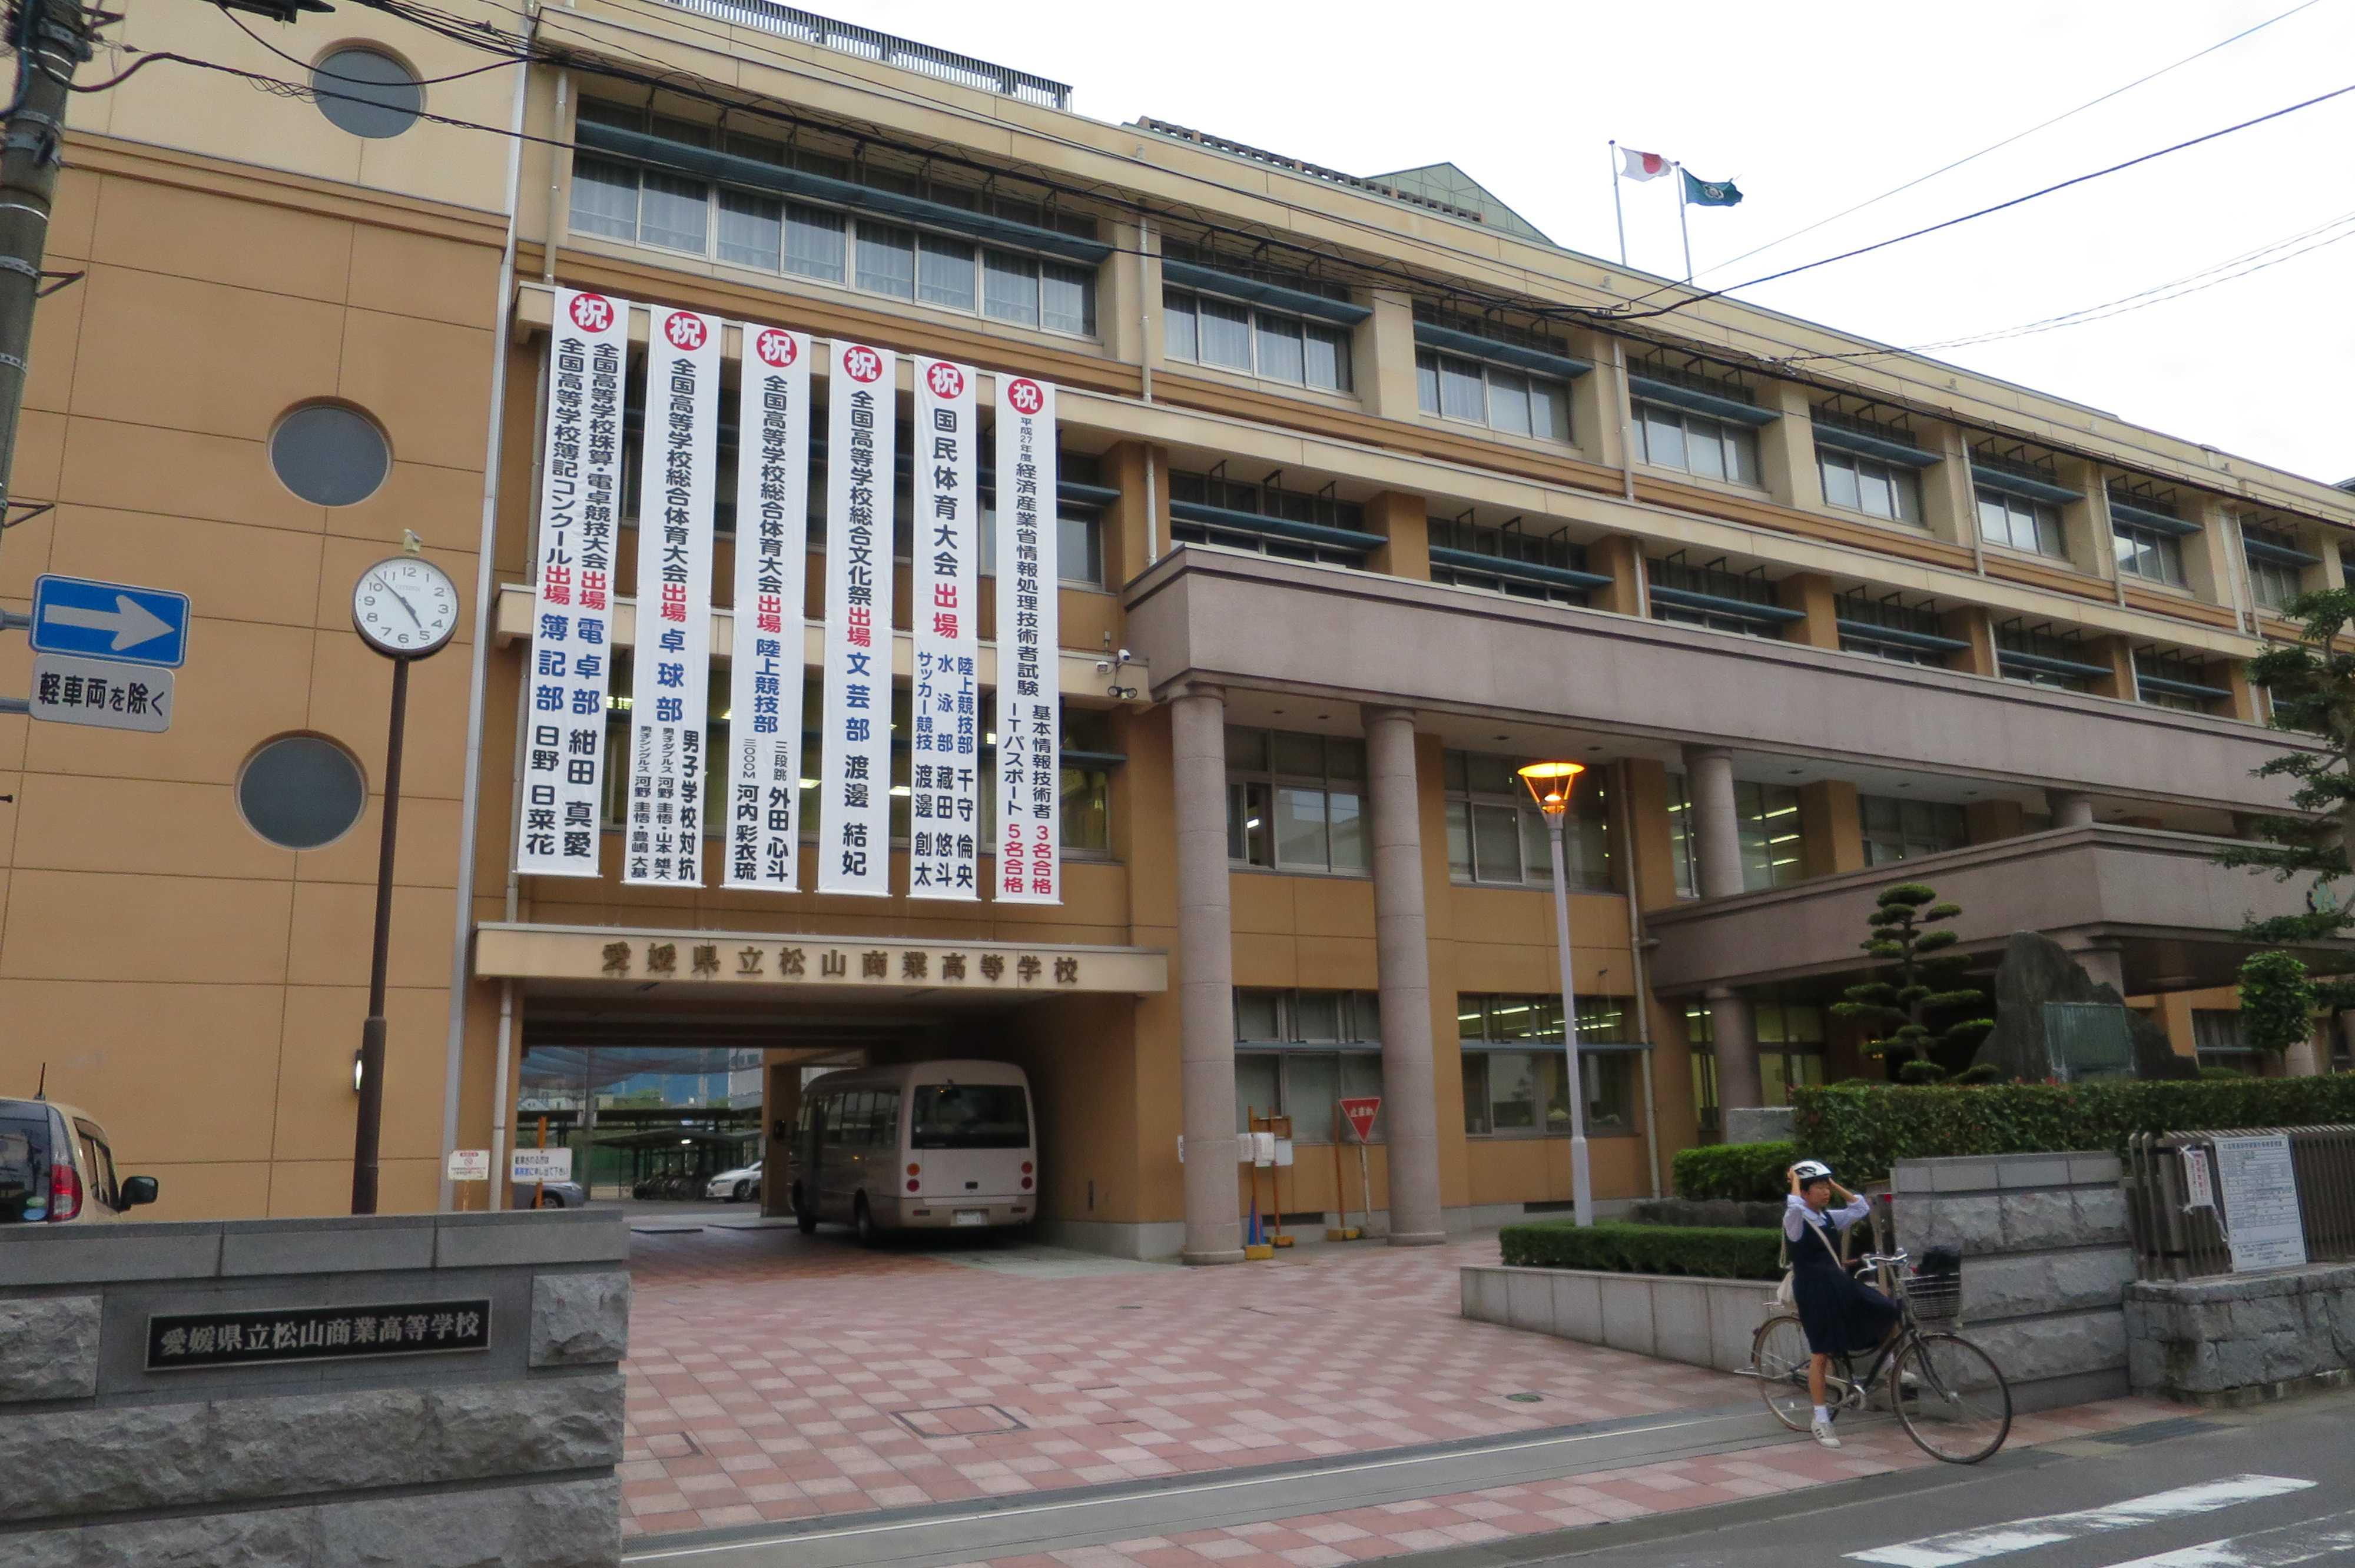 松山: 伊予鉄道&松山商&坂の上...